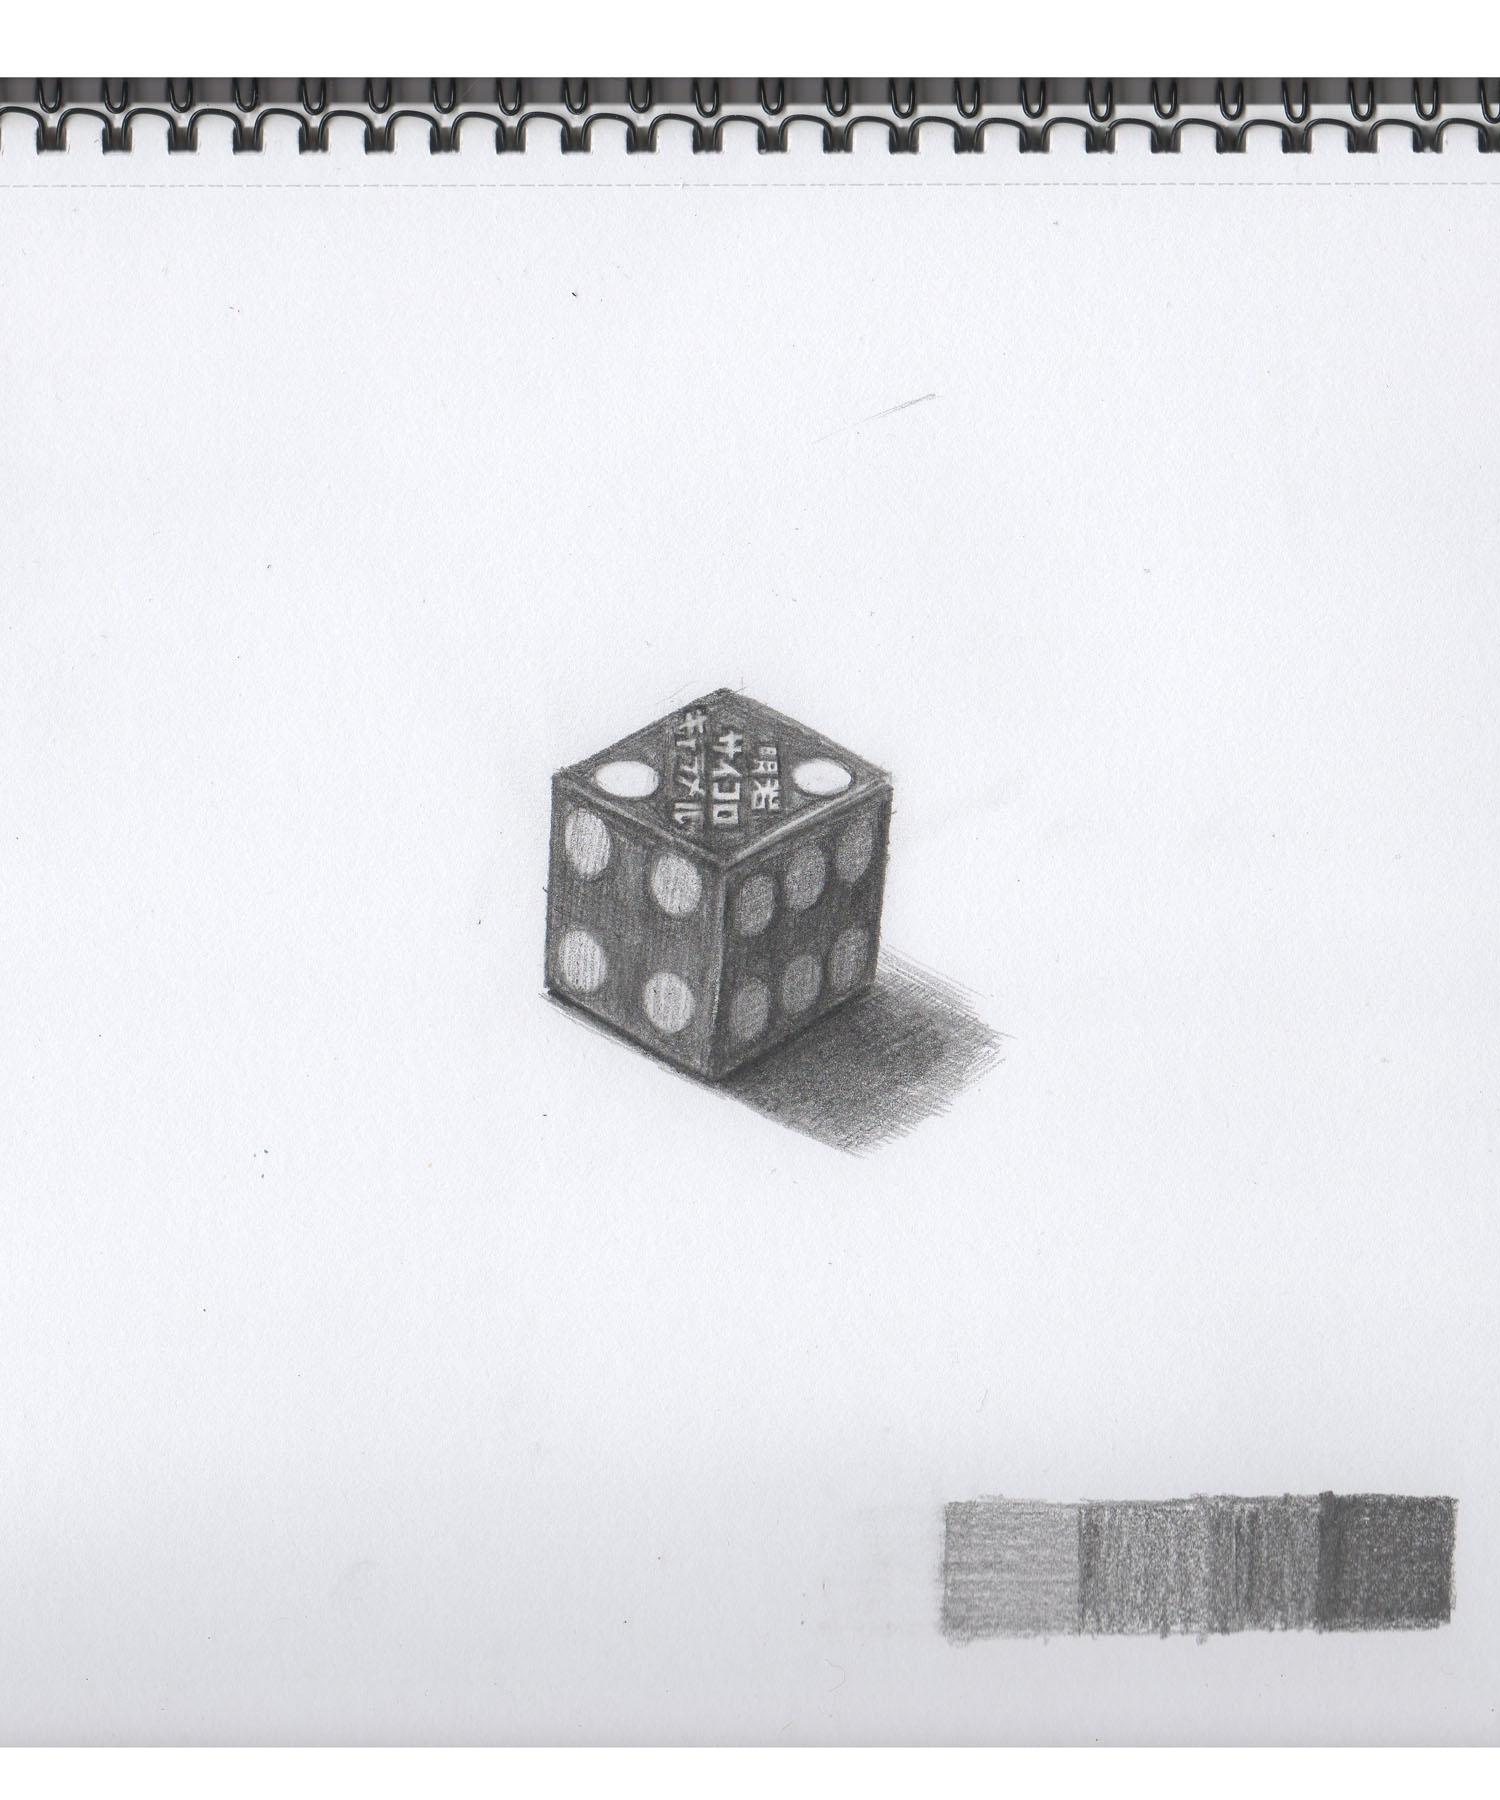 サイコロキャラメルの箱